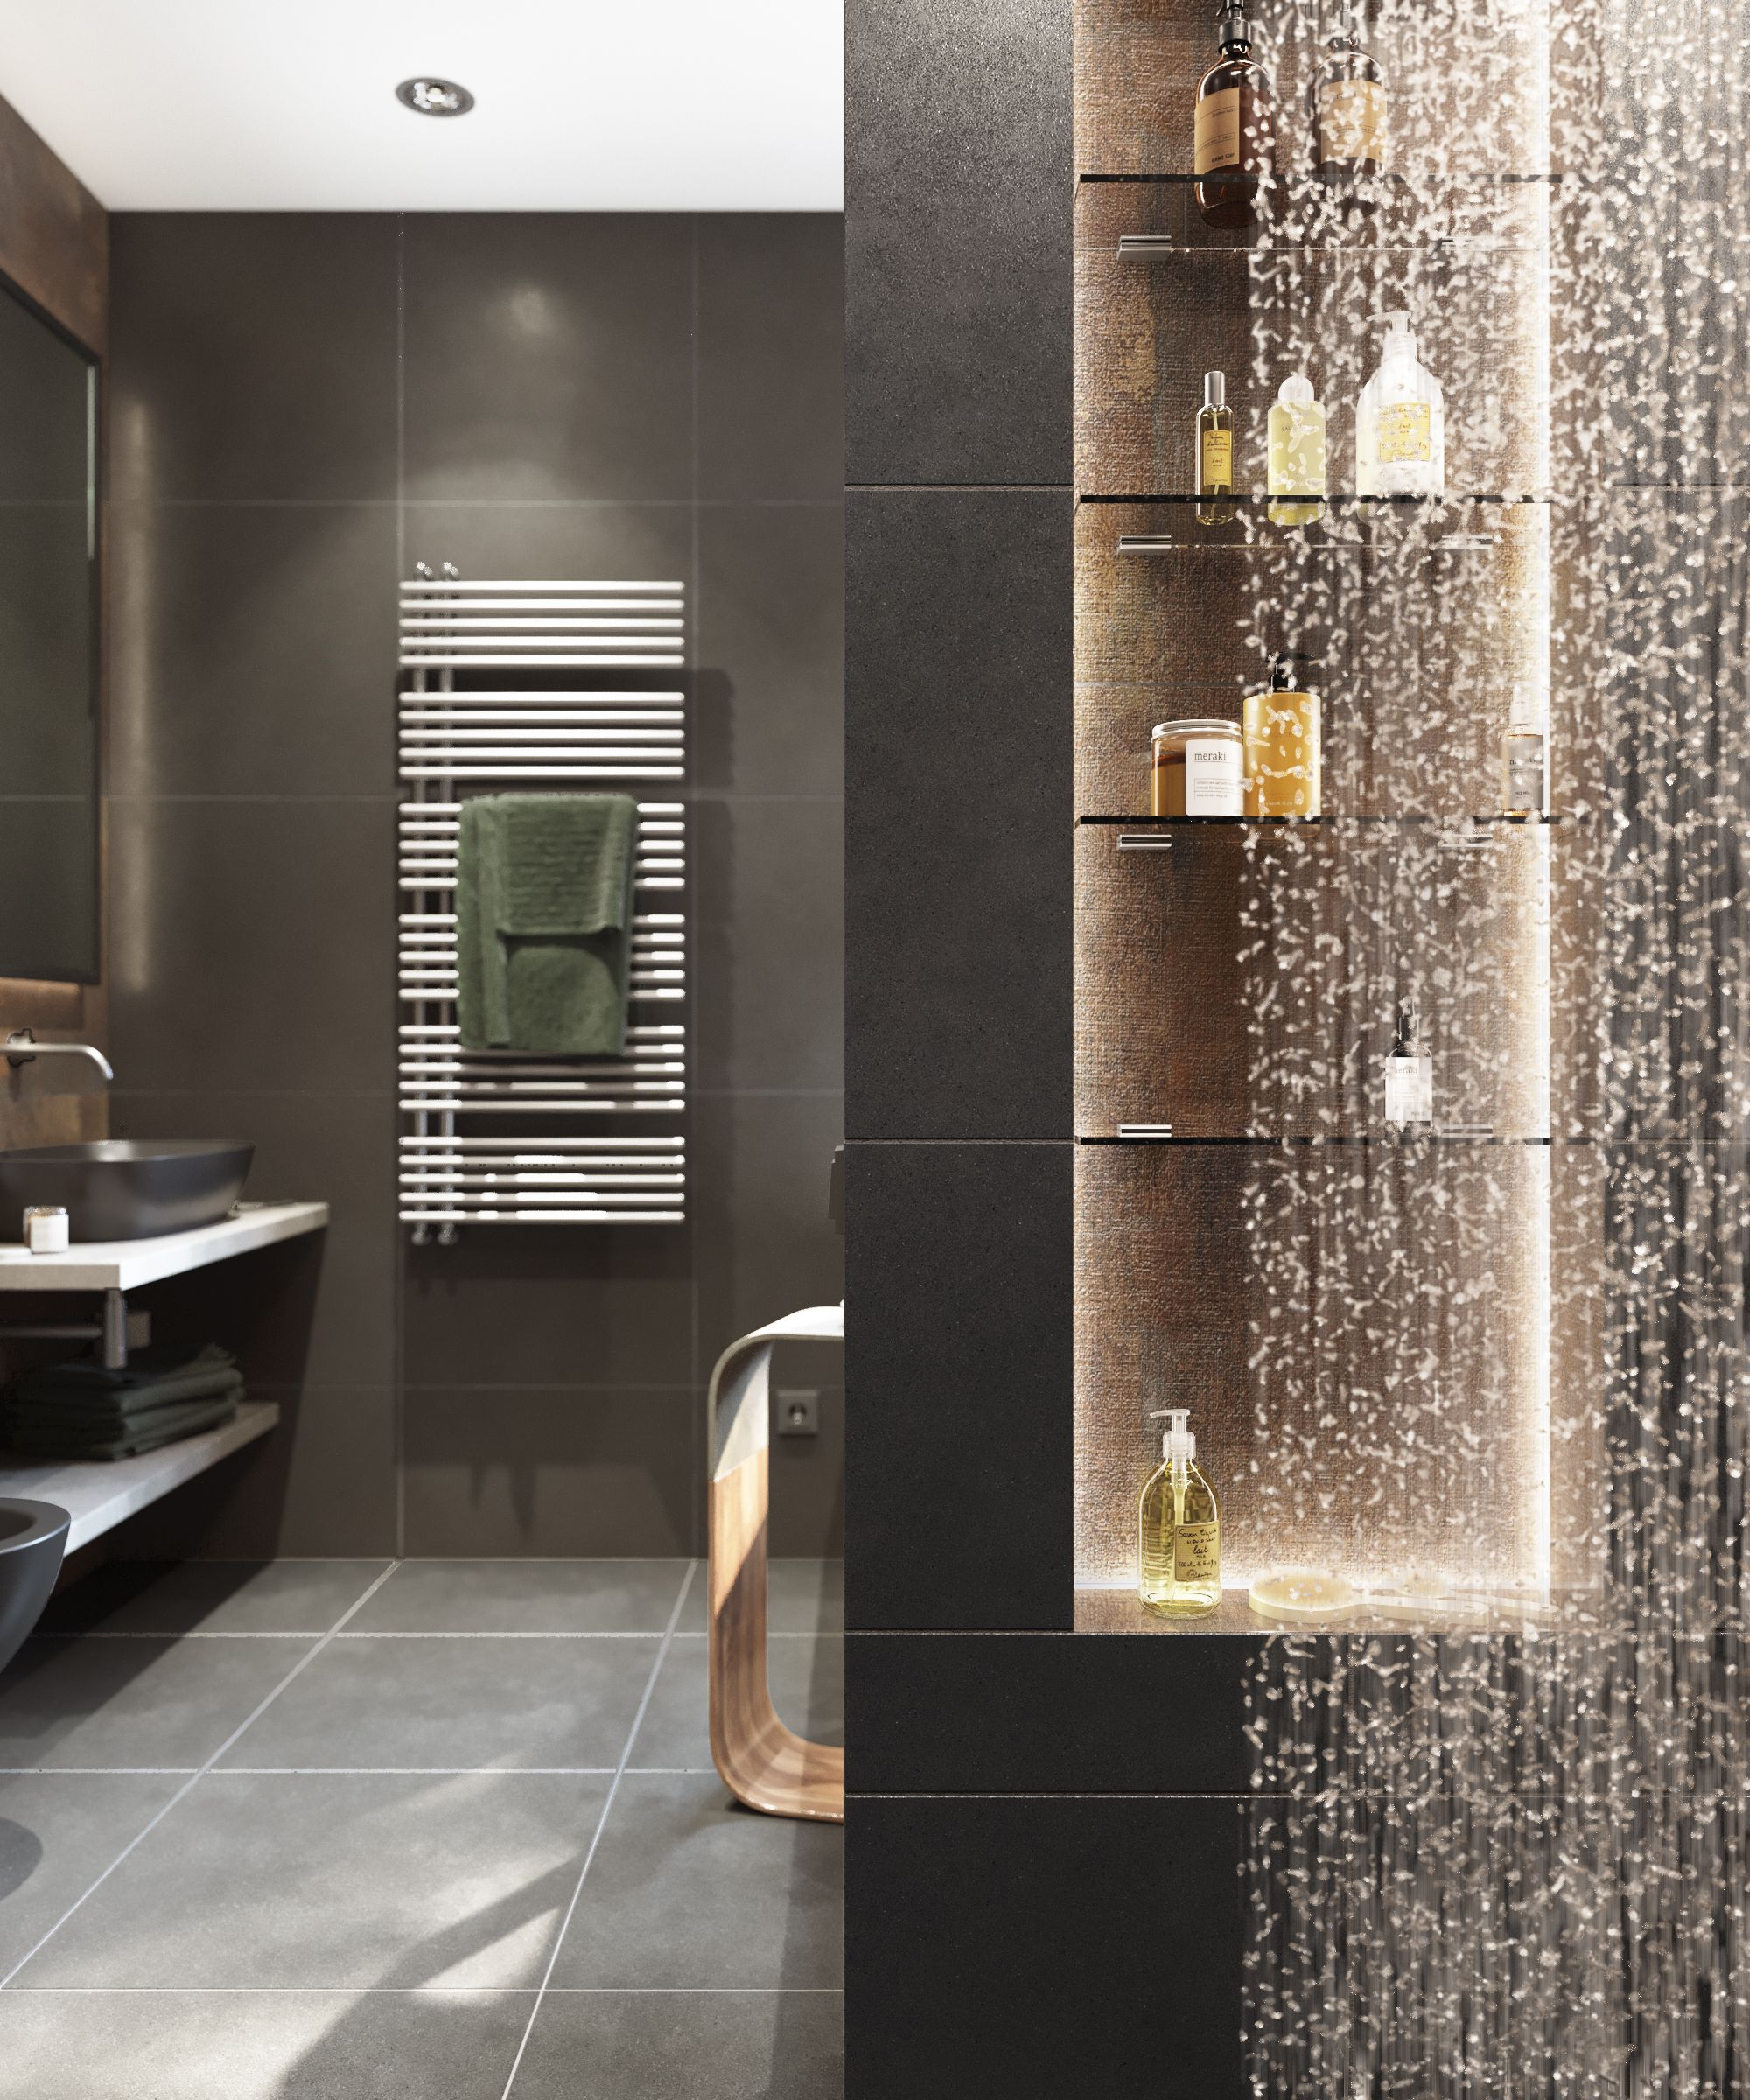 Bathroom in 2020 Colorful apartment, Interior